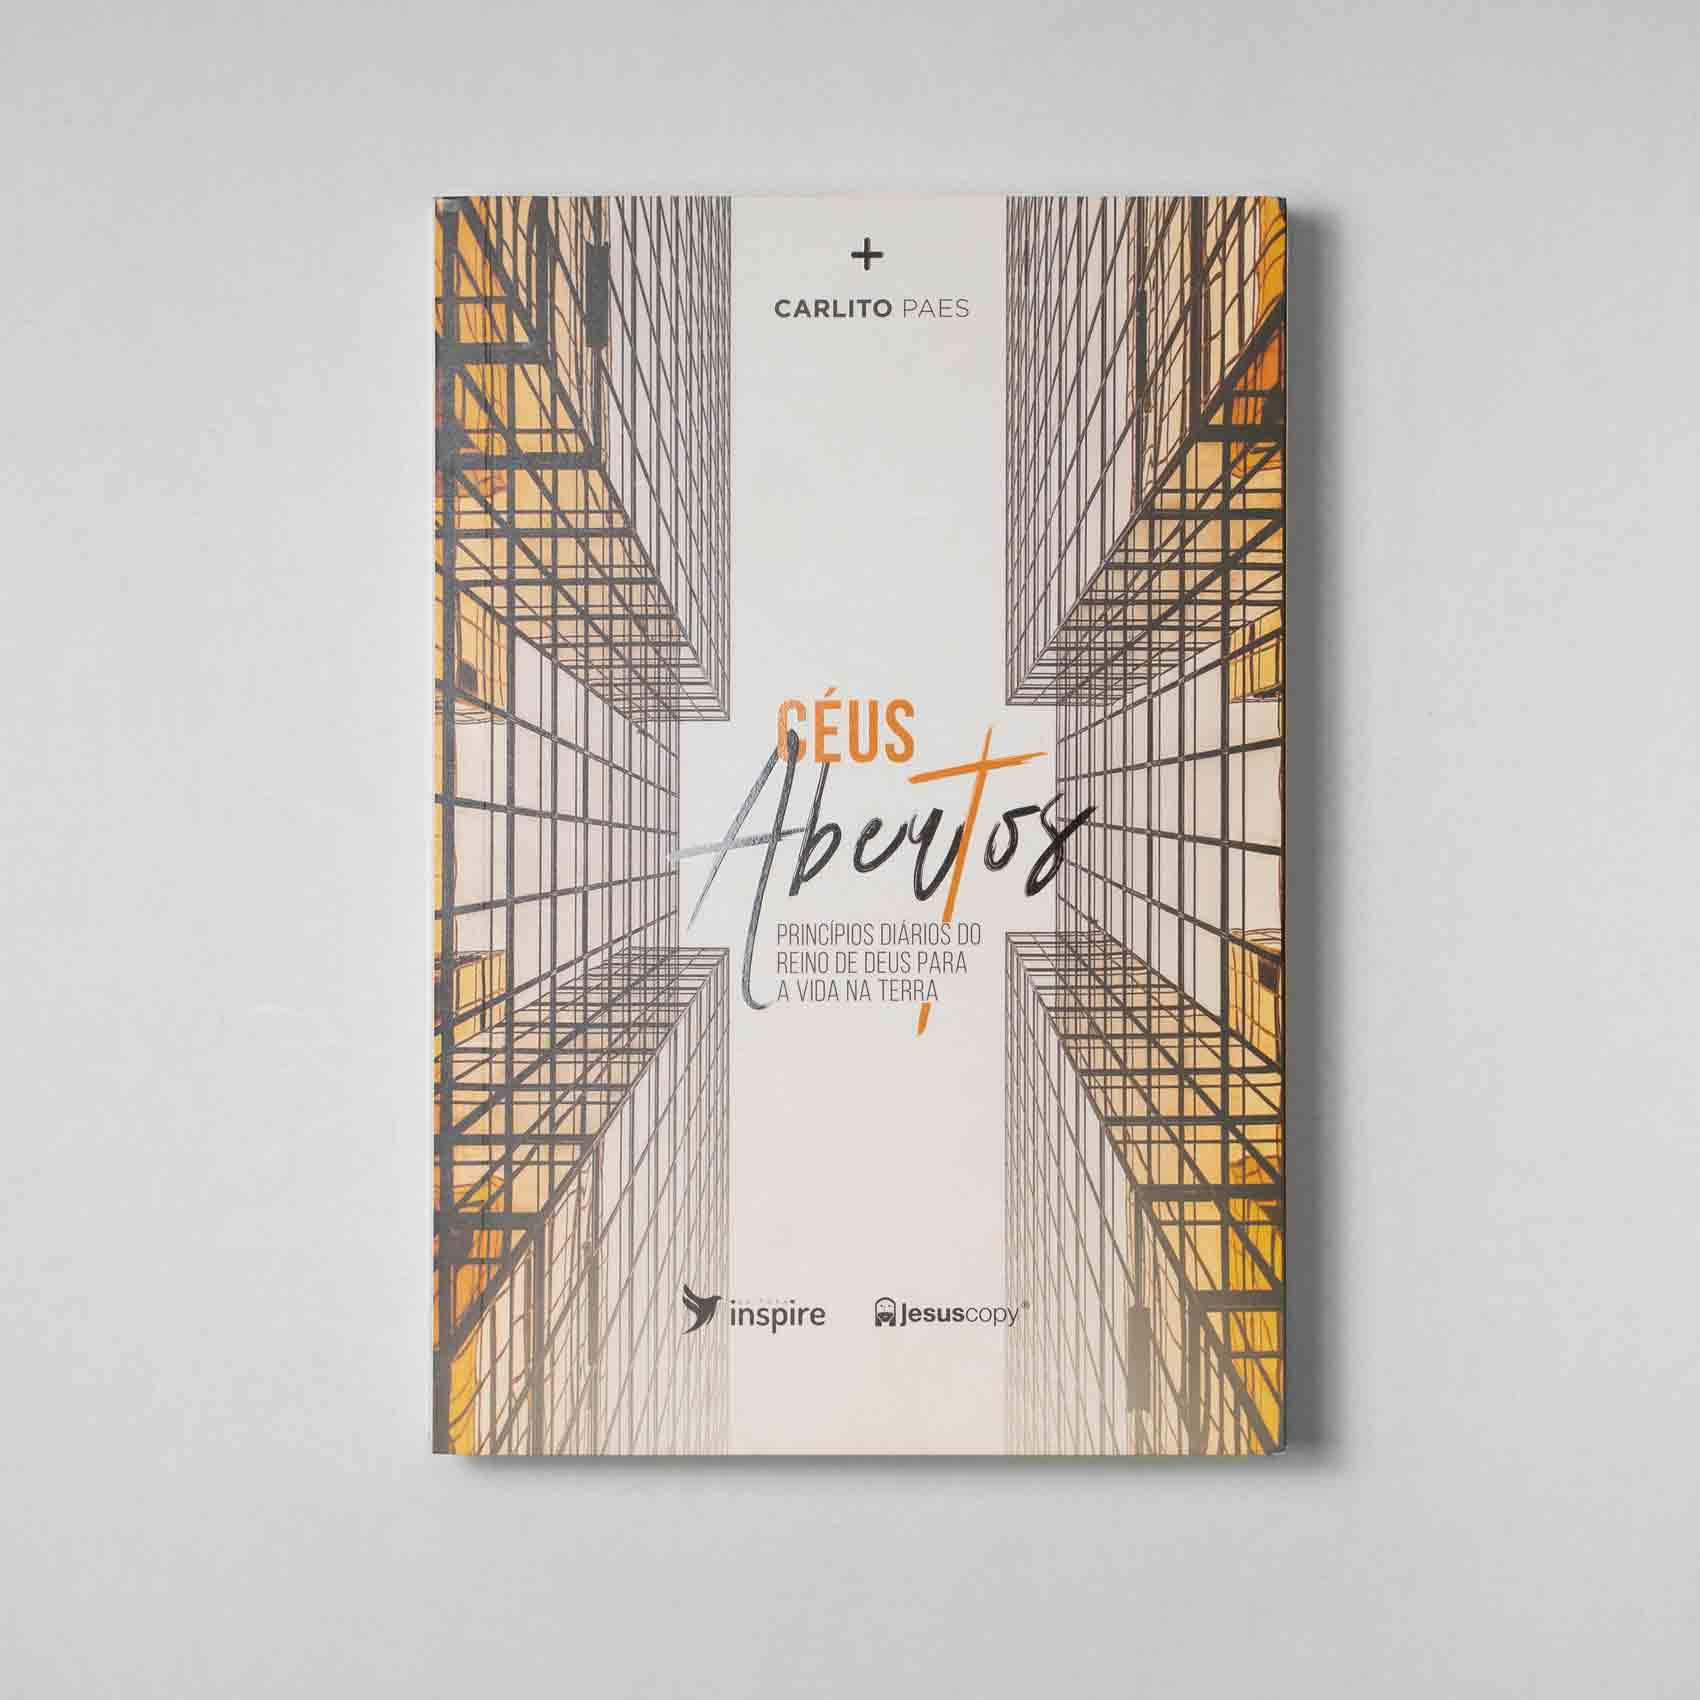 Livro  Céus abertos Carlito Paes